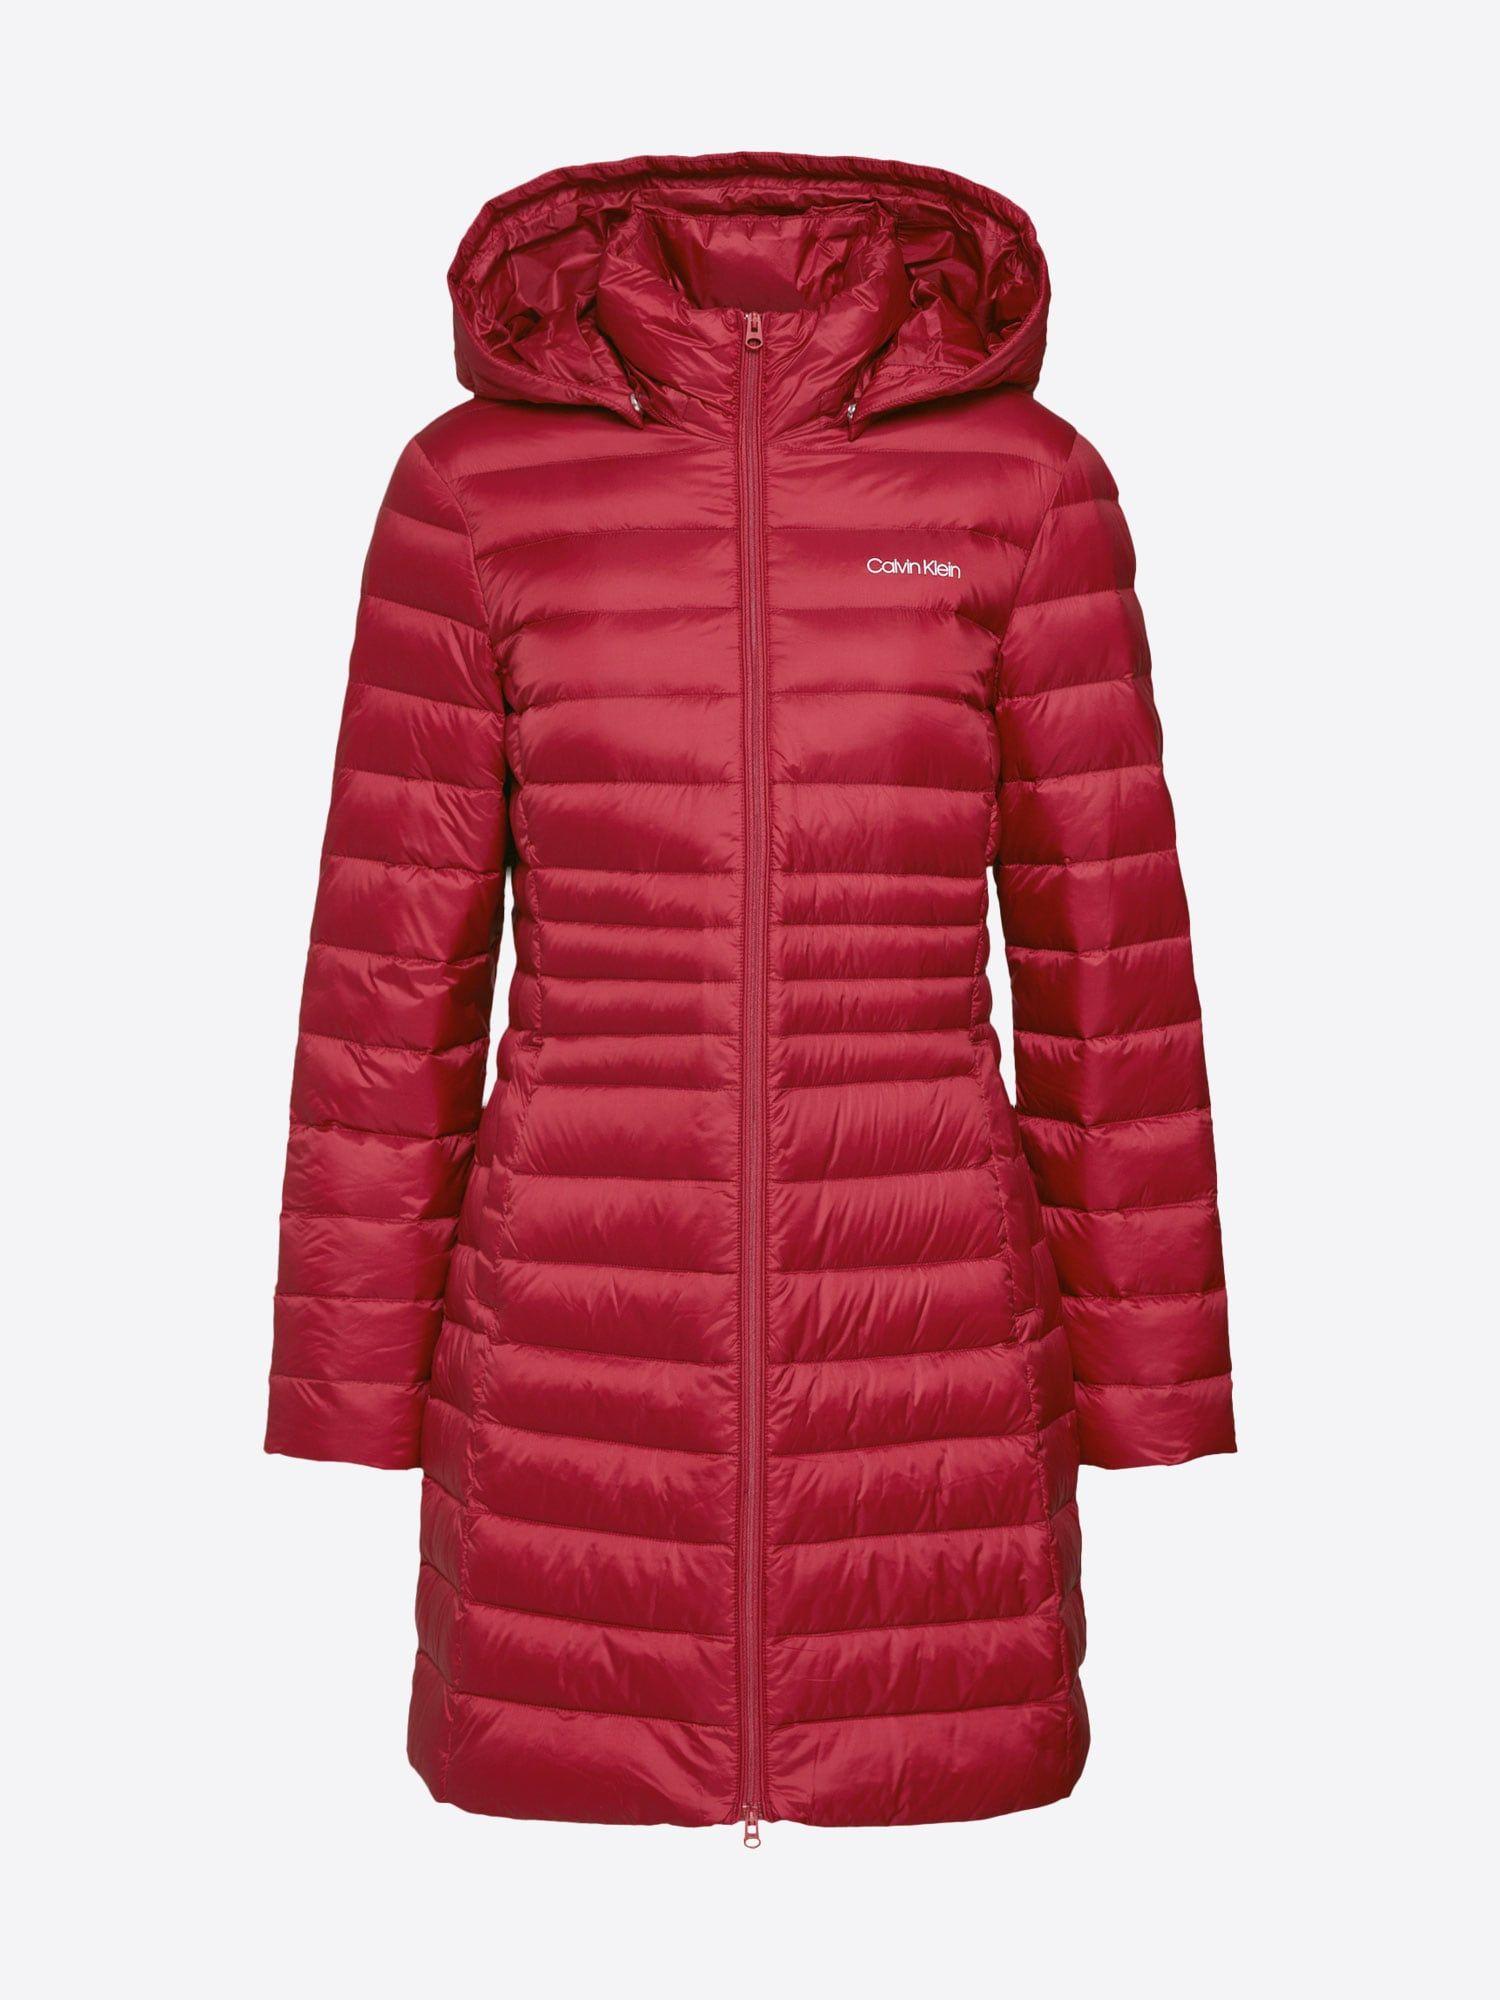 Calvin Klein Mantel Essential Light Down Coat Damen Burgunder Grosse Xl Daunenmantel Daunenmantel Lang Mantel